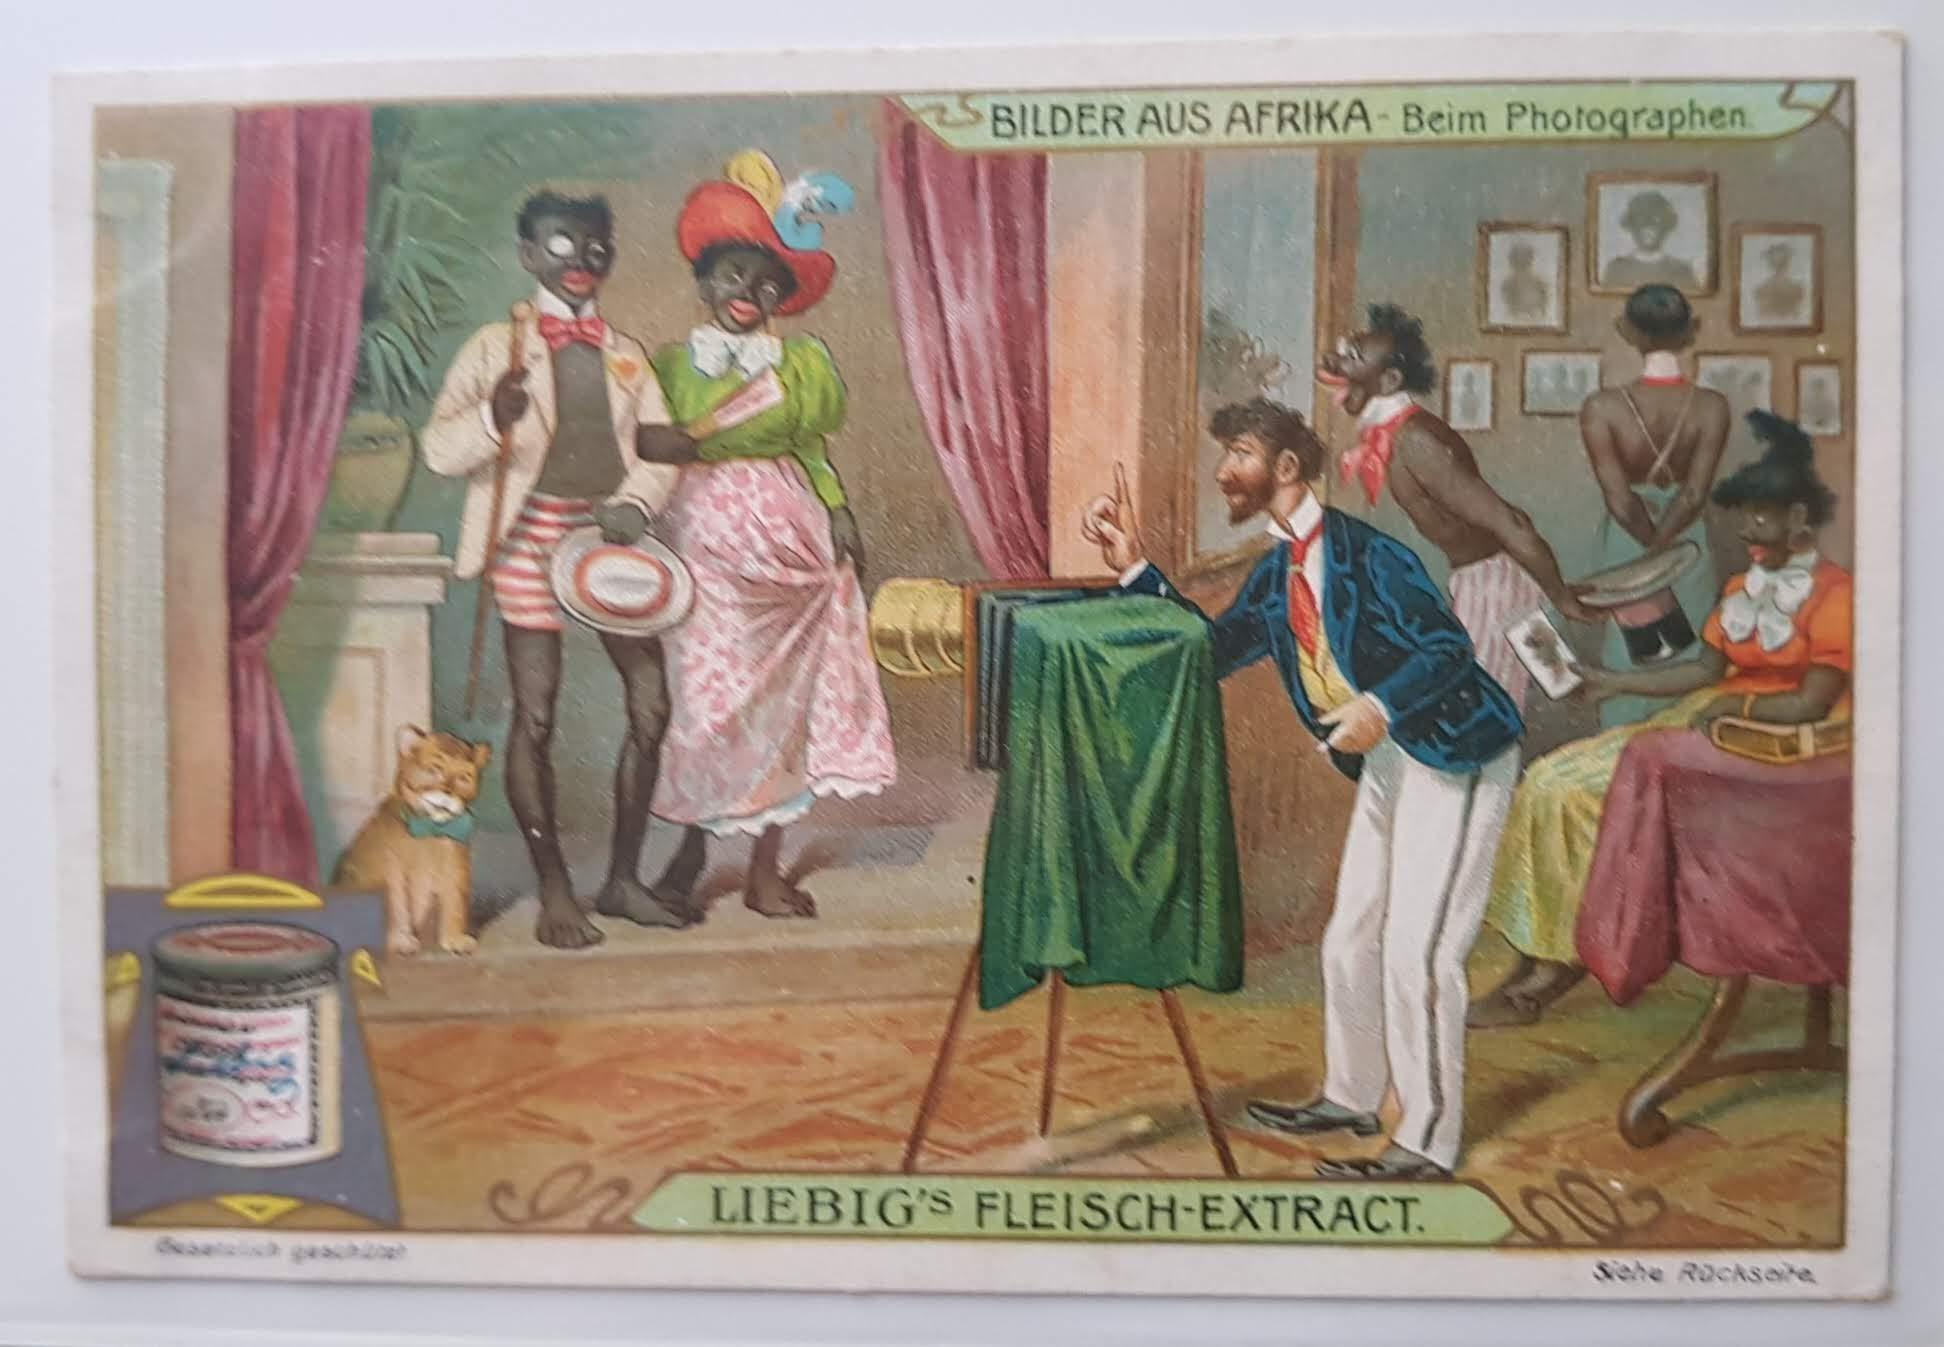 Liebig's Fleisch-Extract, Bilder aus Afrika, 1906